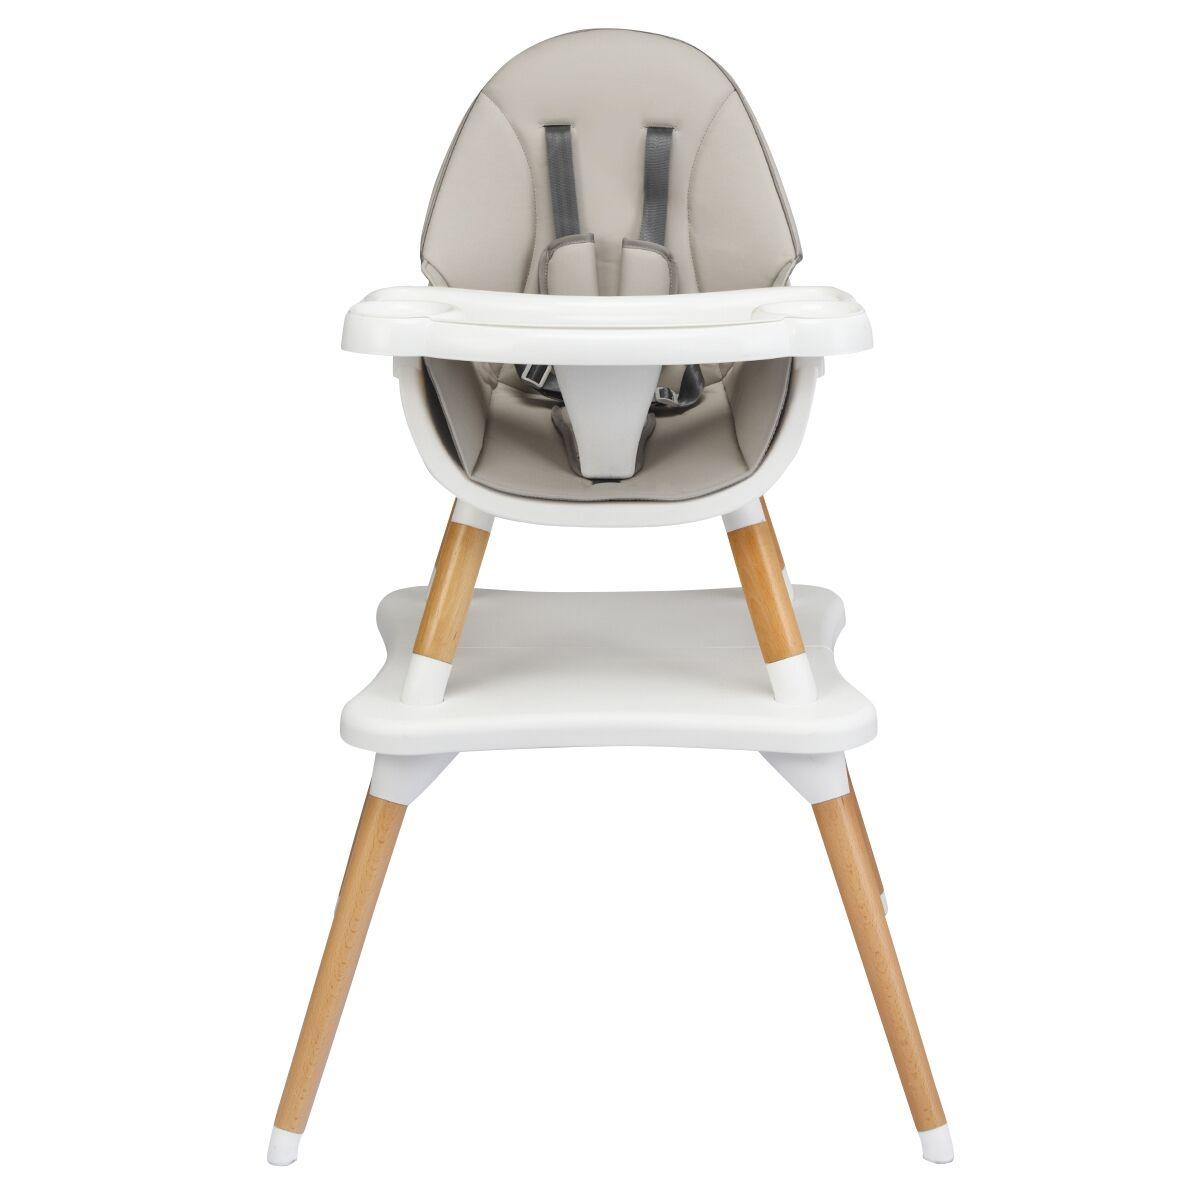 Costway Chaise Haute Bébé 4 en 1 Plateau Réglable en 4 Etapes pour Bébé 6 Mois-3 Ans Charge 15KG Gris